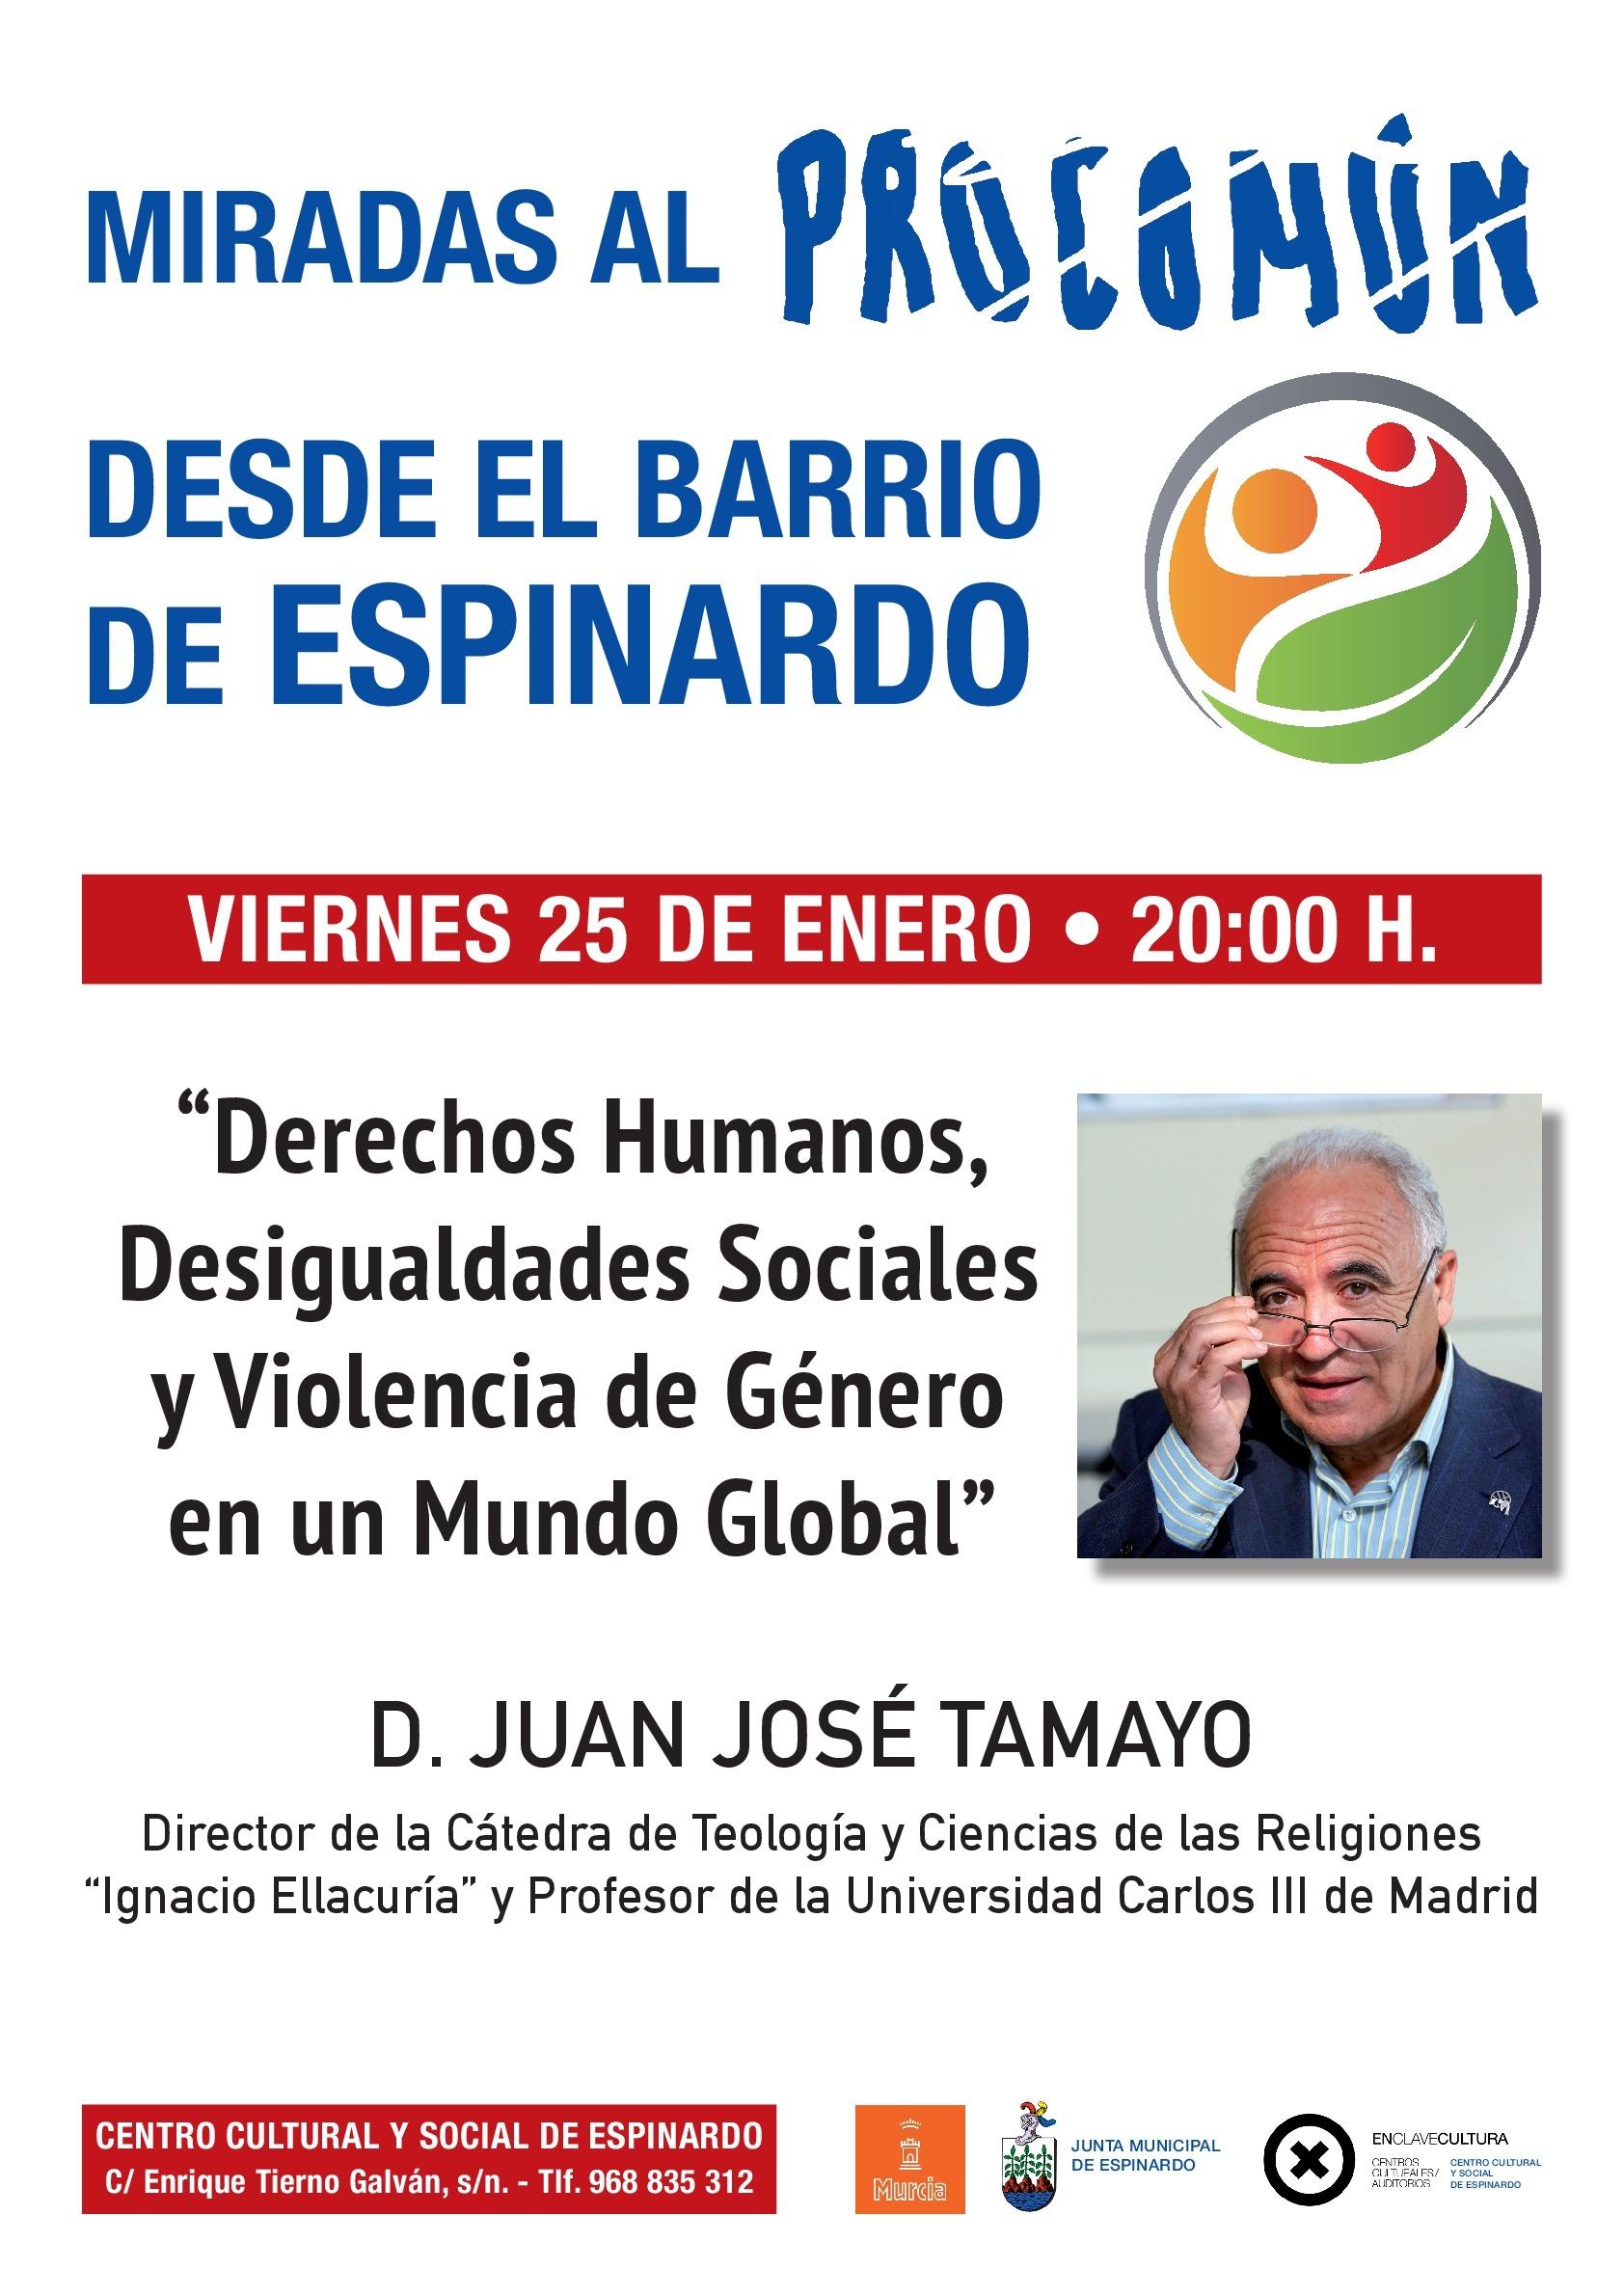 2019-01-25 Cartel Conferencia Juan José Tamayo - centro Cultural de Espinardo